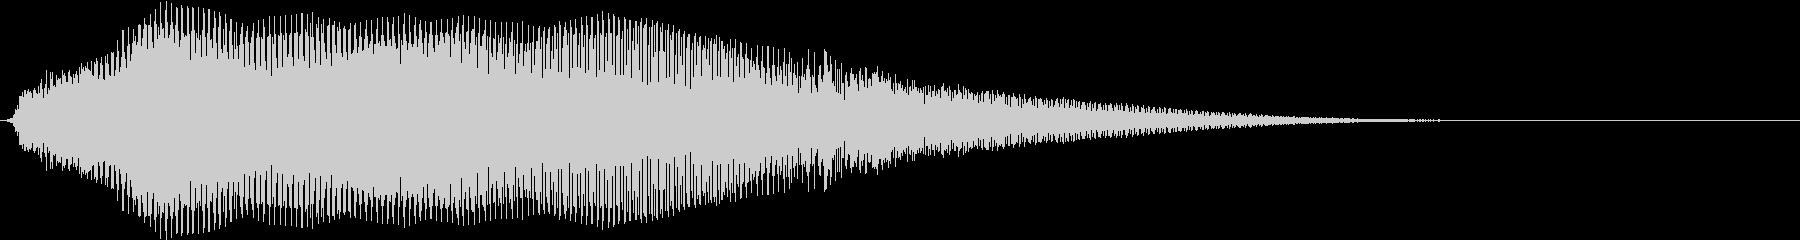 ダークな雰囲気_シンセパッド_Cの未再生の波形